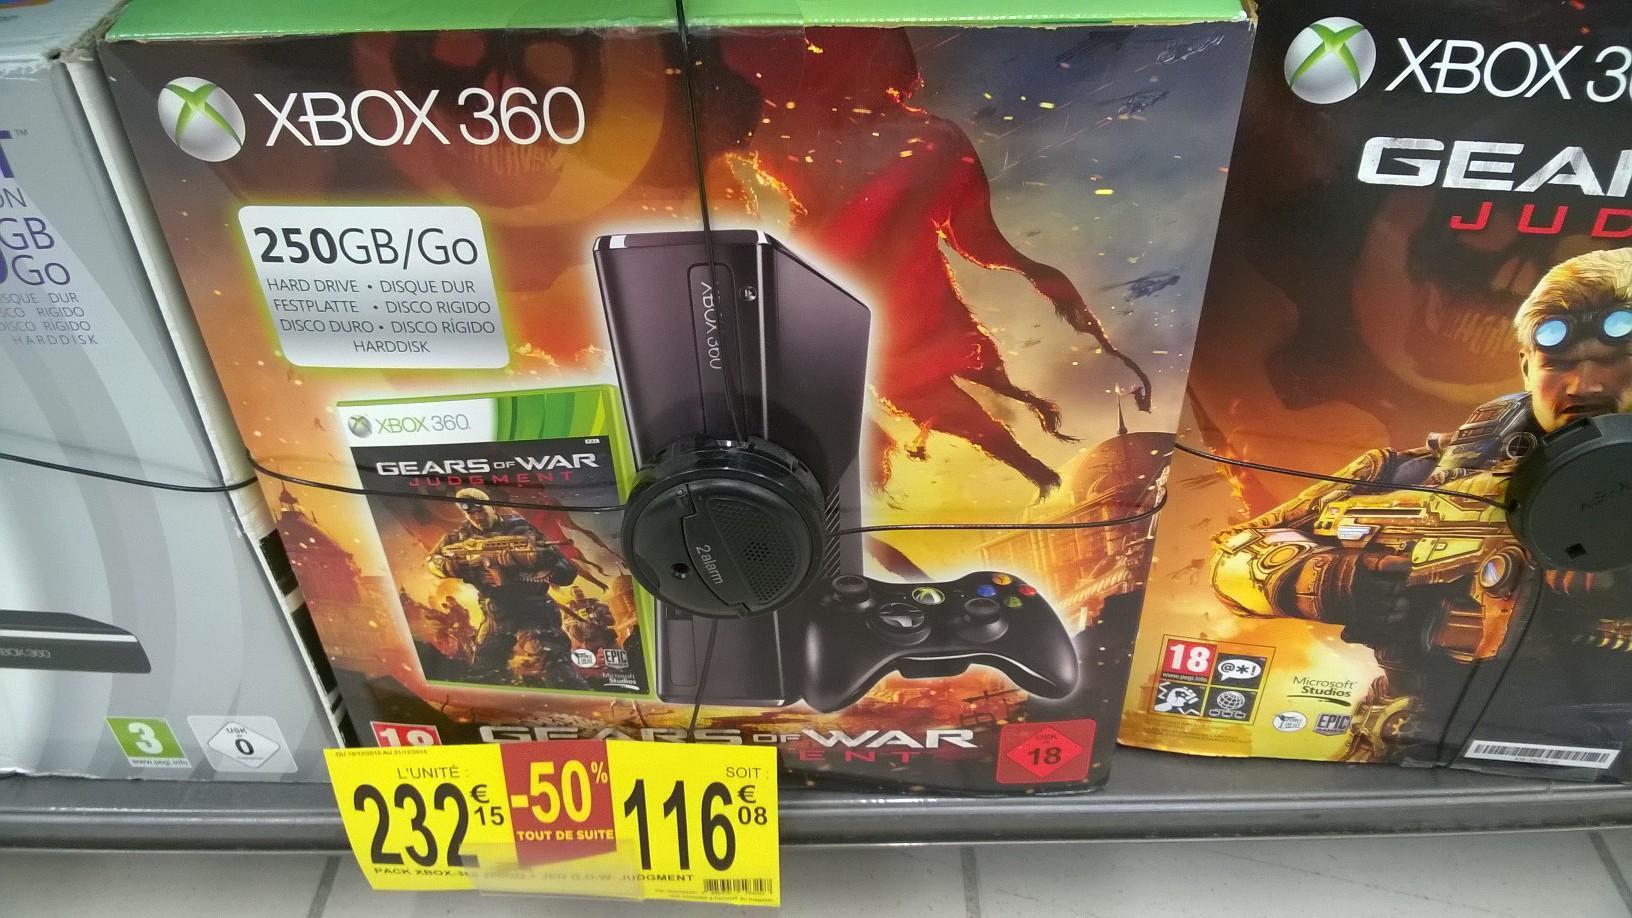 50% de réduction sur une sélection de Packs Xbox 360 - Ex: Console Xbox 360 250 Go + Gears of War Judgment